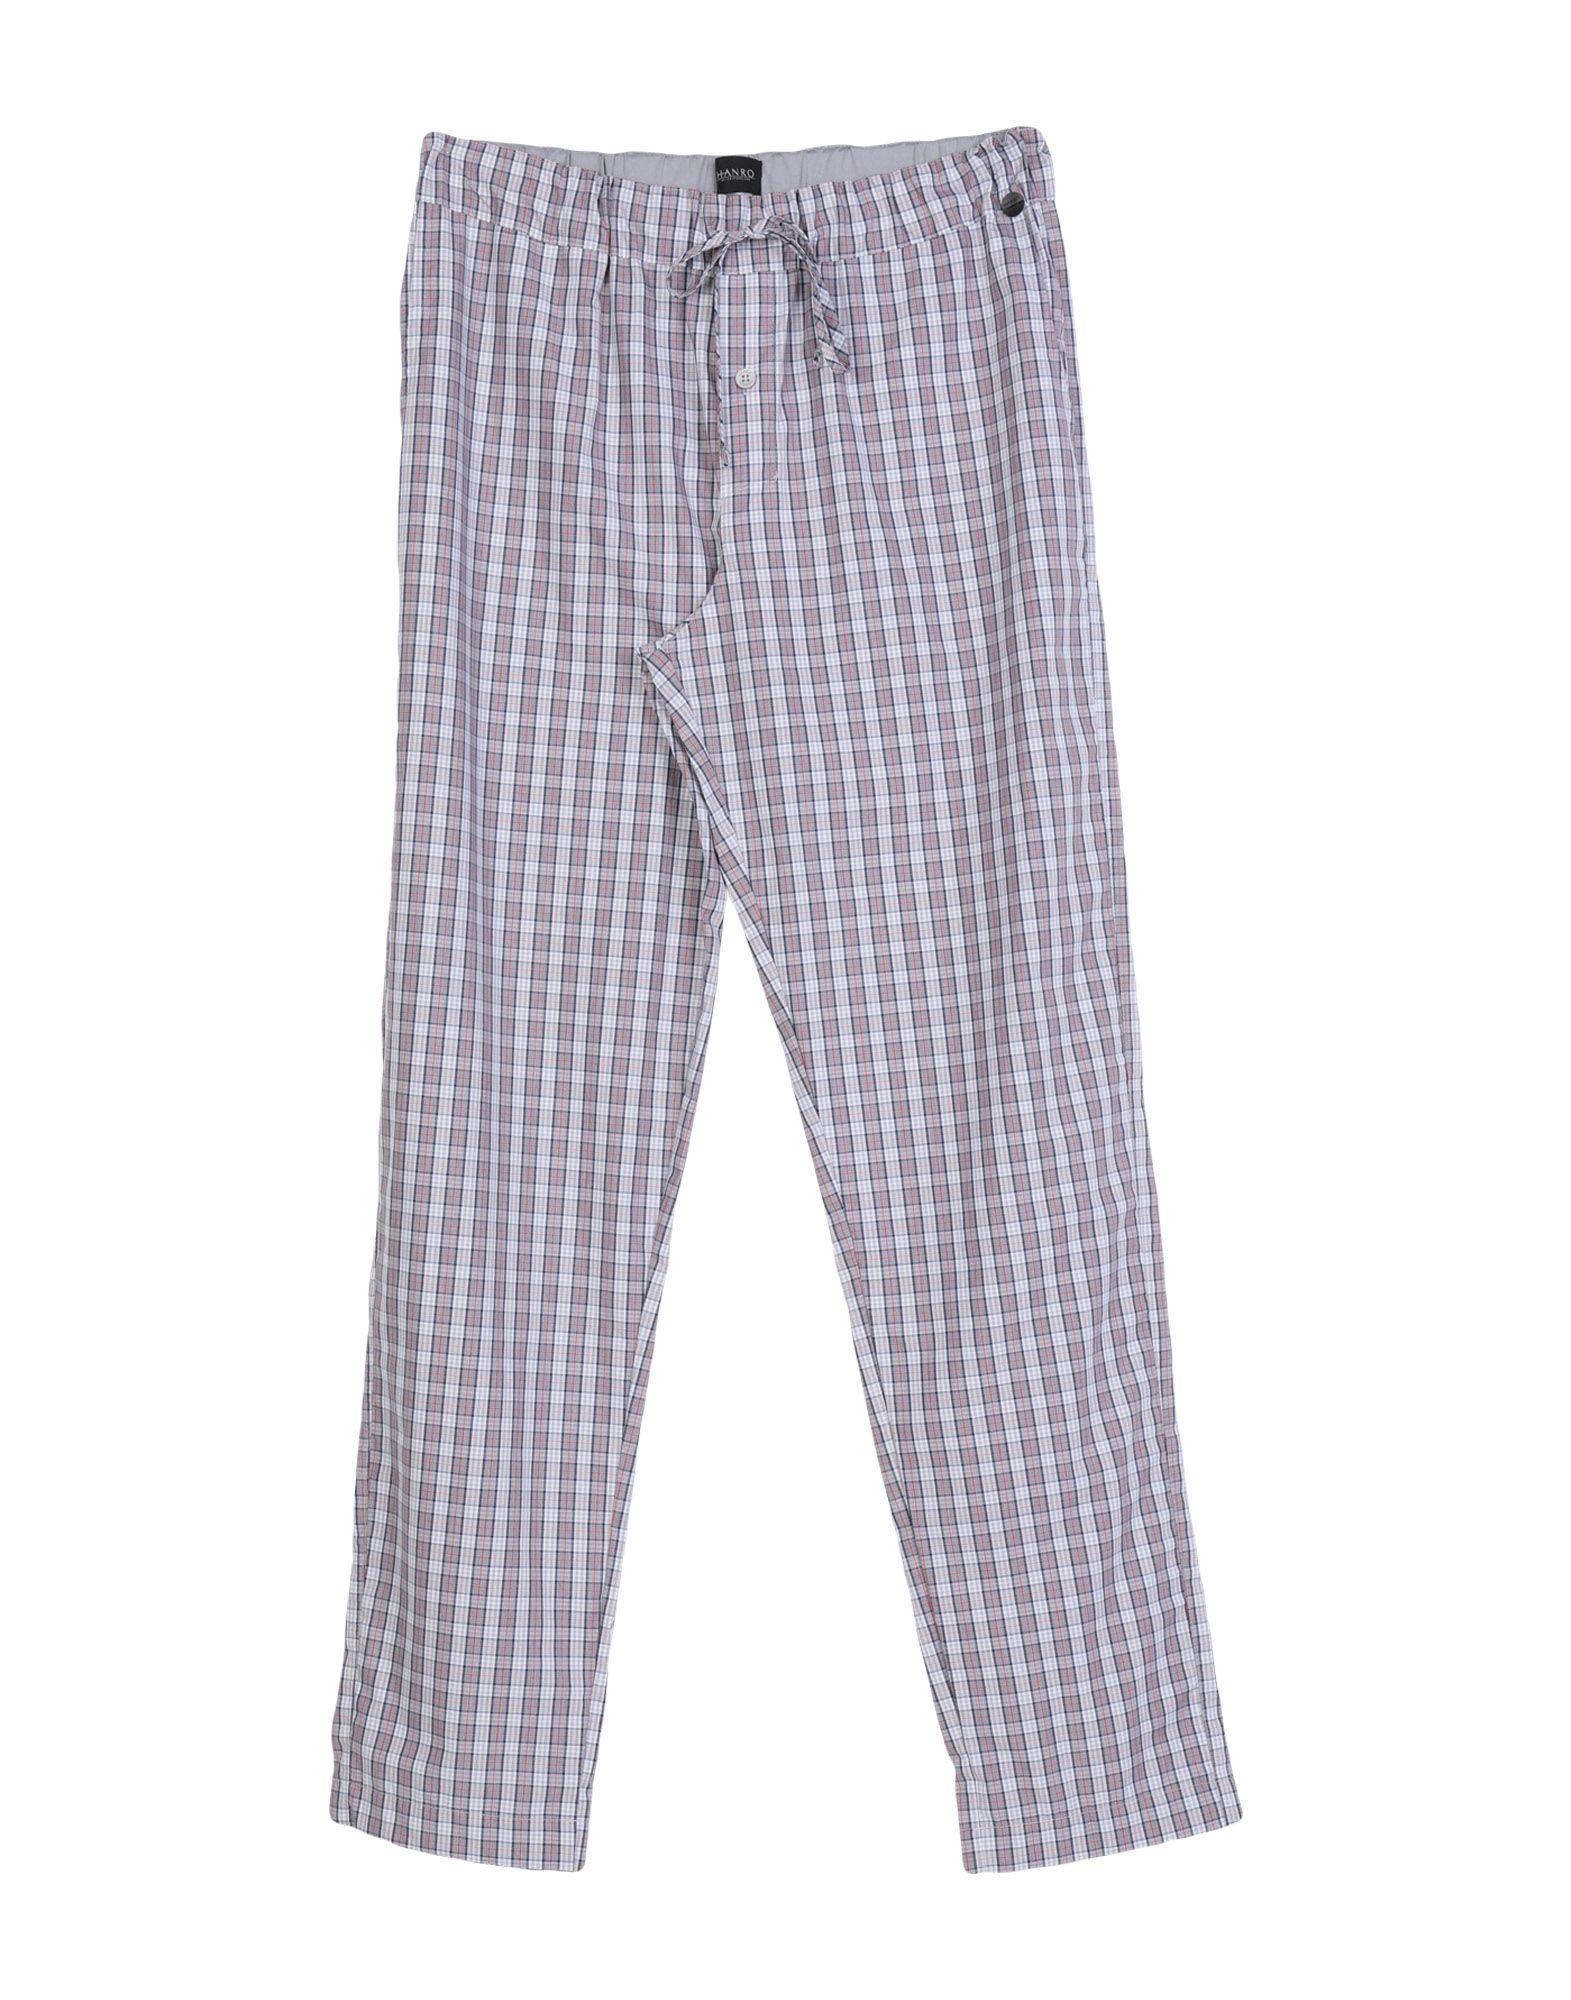 《送料無料》HANRO メンズ パジャマ レンガ S コットン 100%